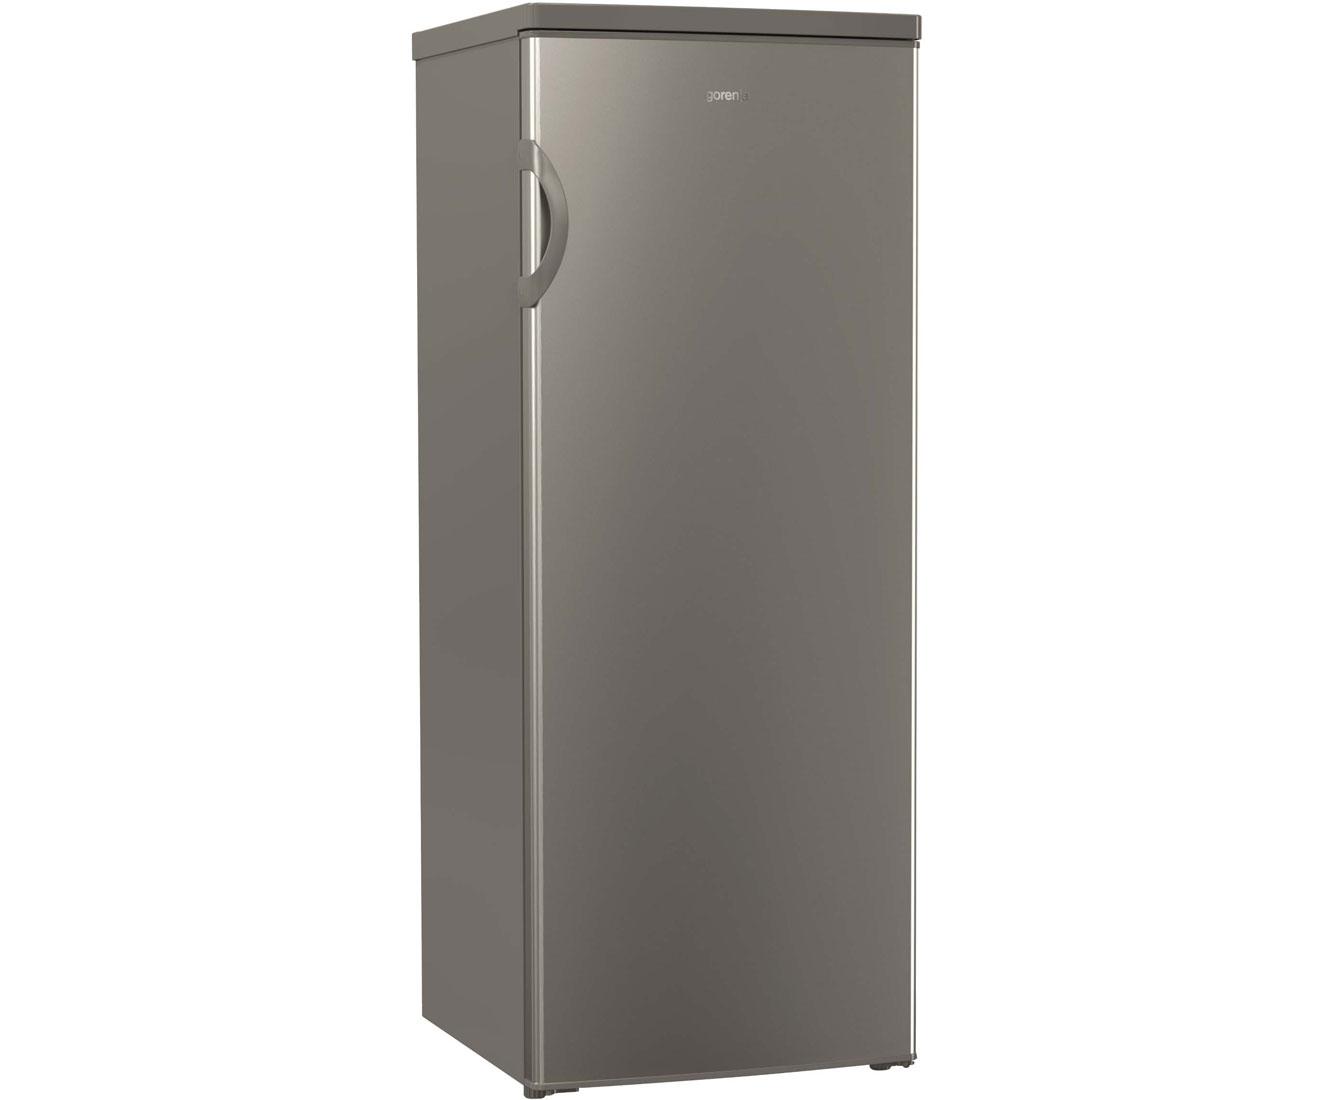 Kühlschrank Freistehend Mit Gefrierfach : Kühlschrank edelstahl freistehend gorenje obrb r kühlschrank